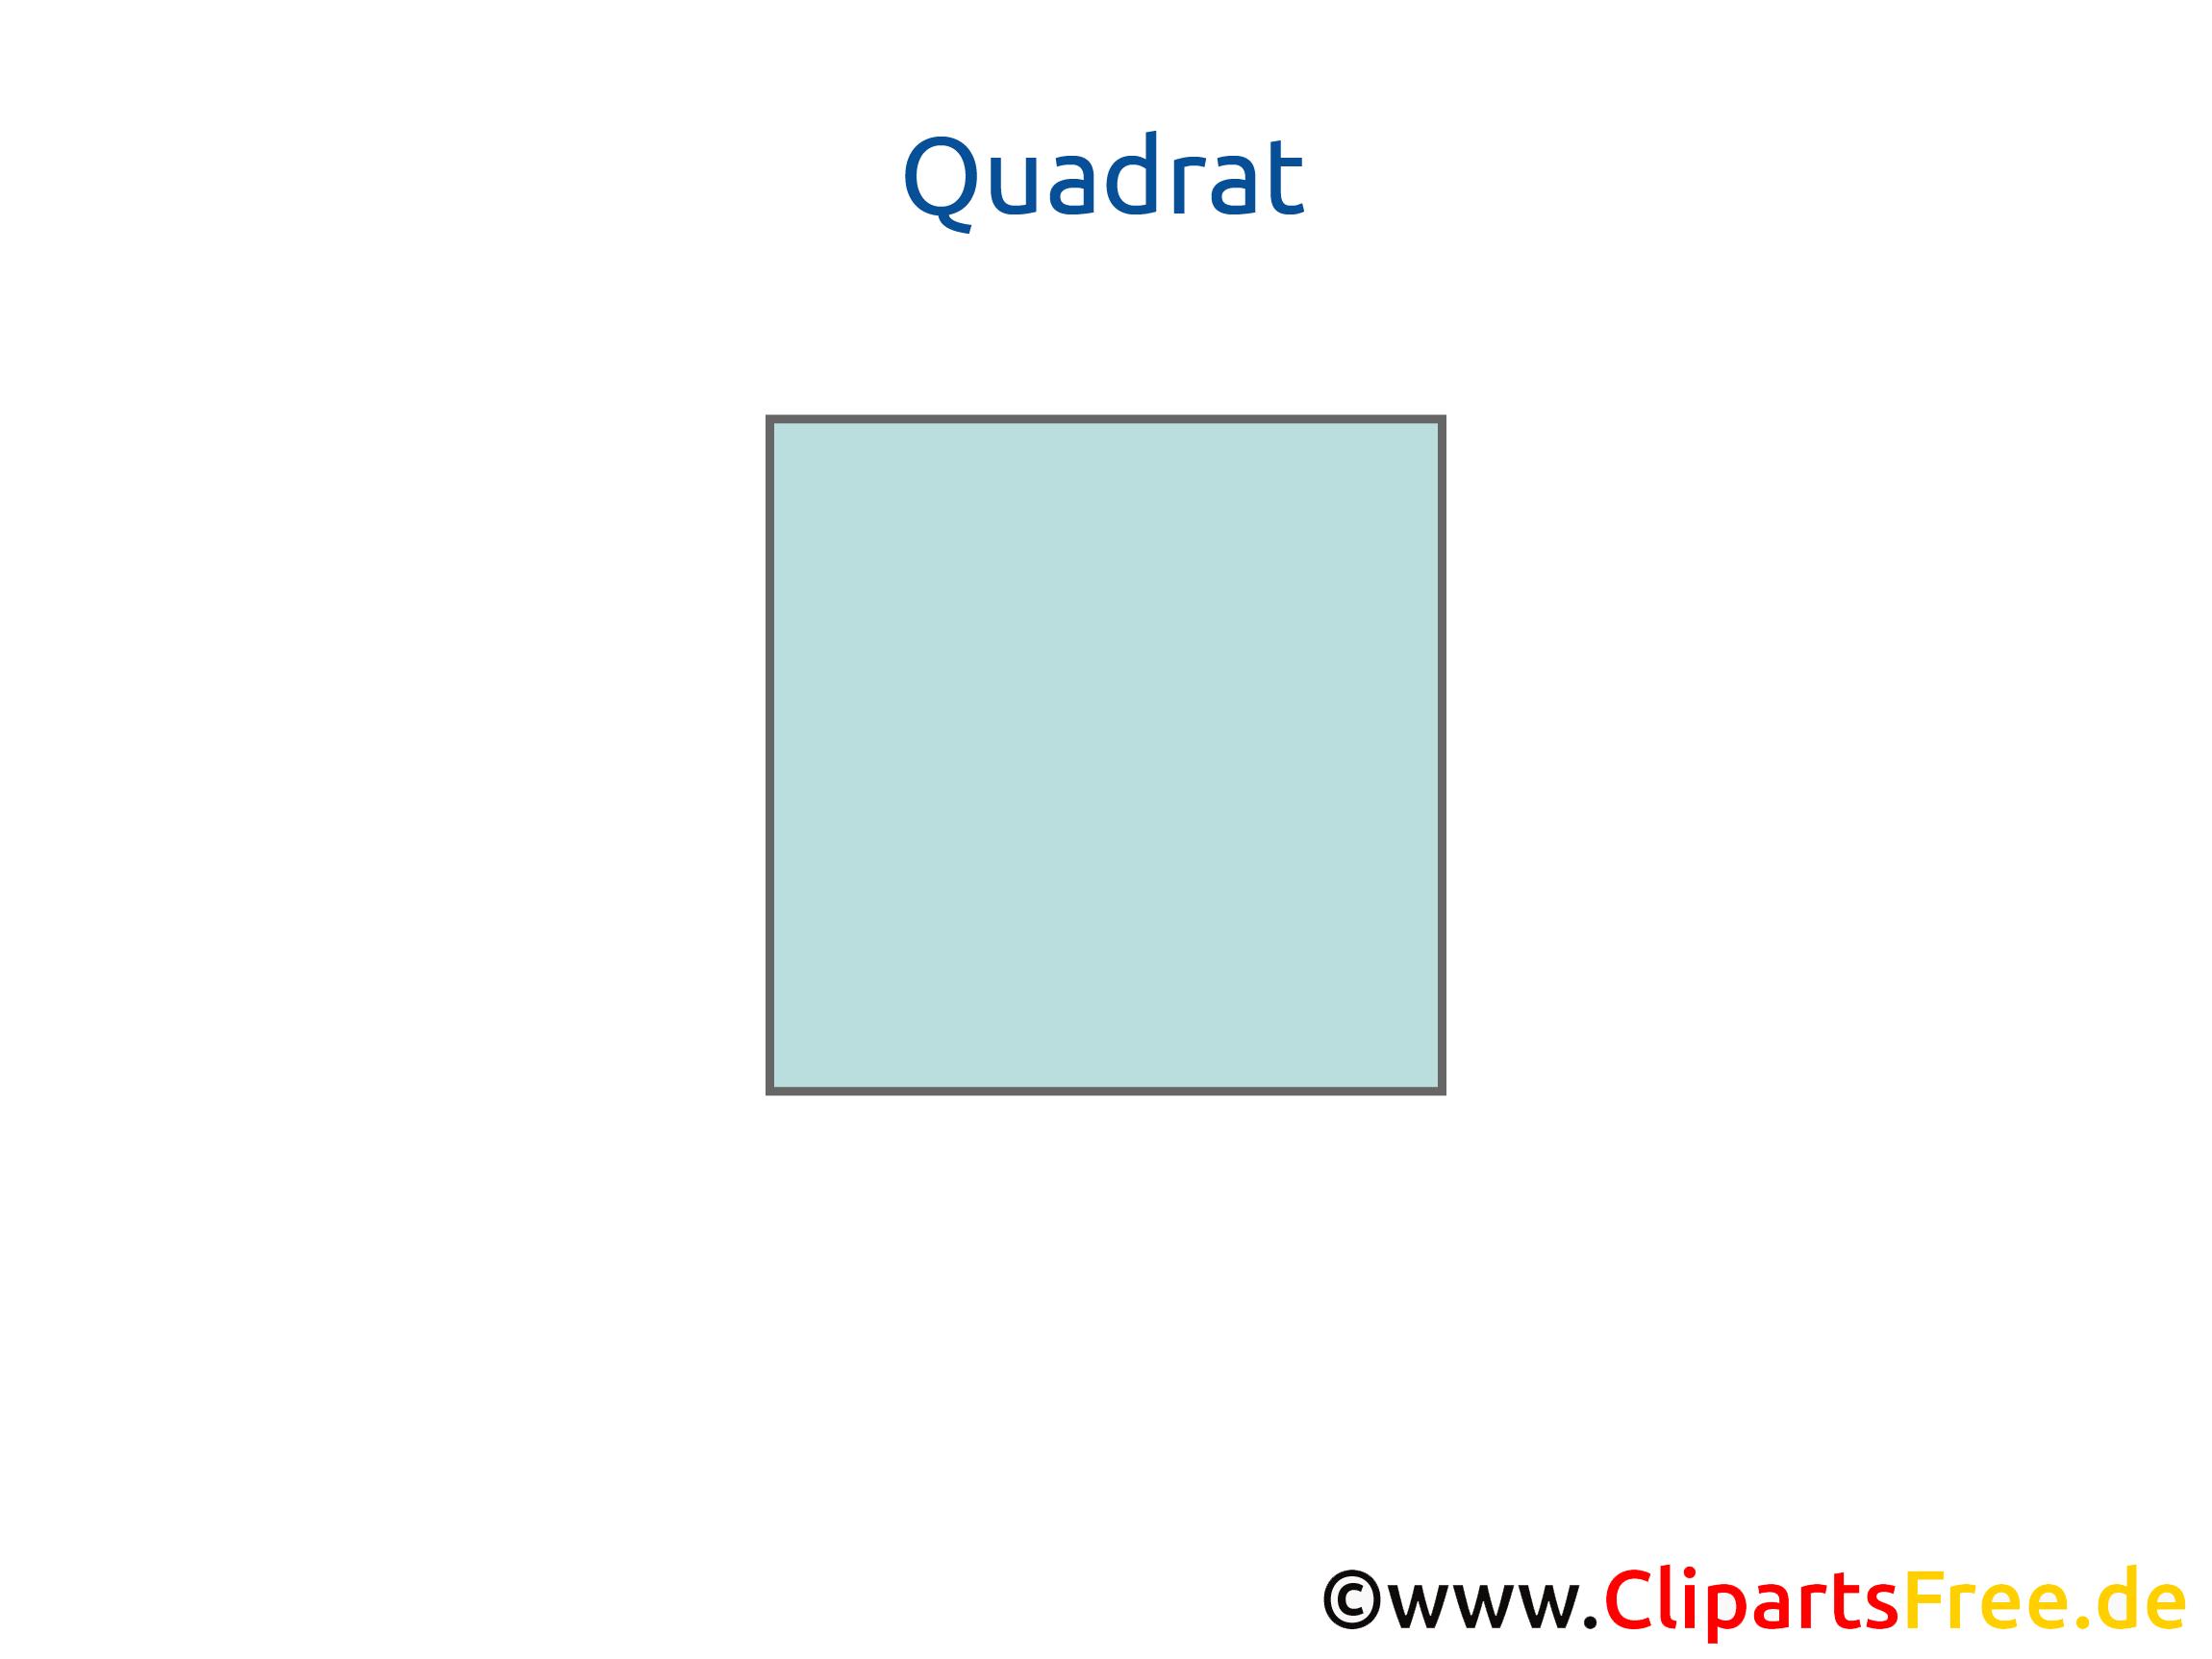 Quadrat Geometrie Unterrichtsmaterialien zum Drucken